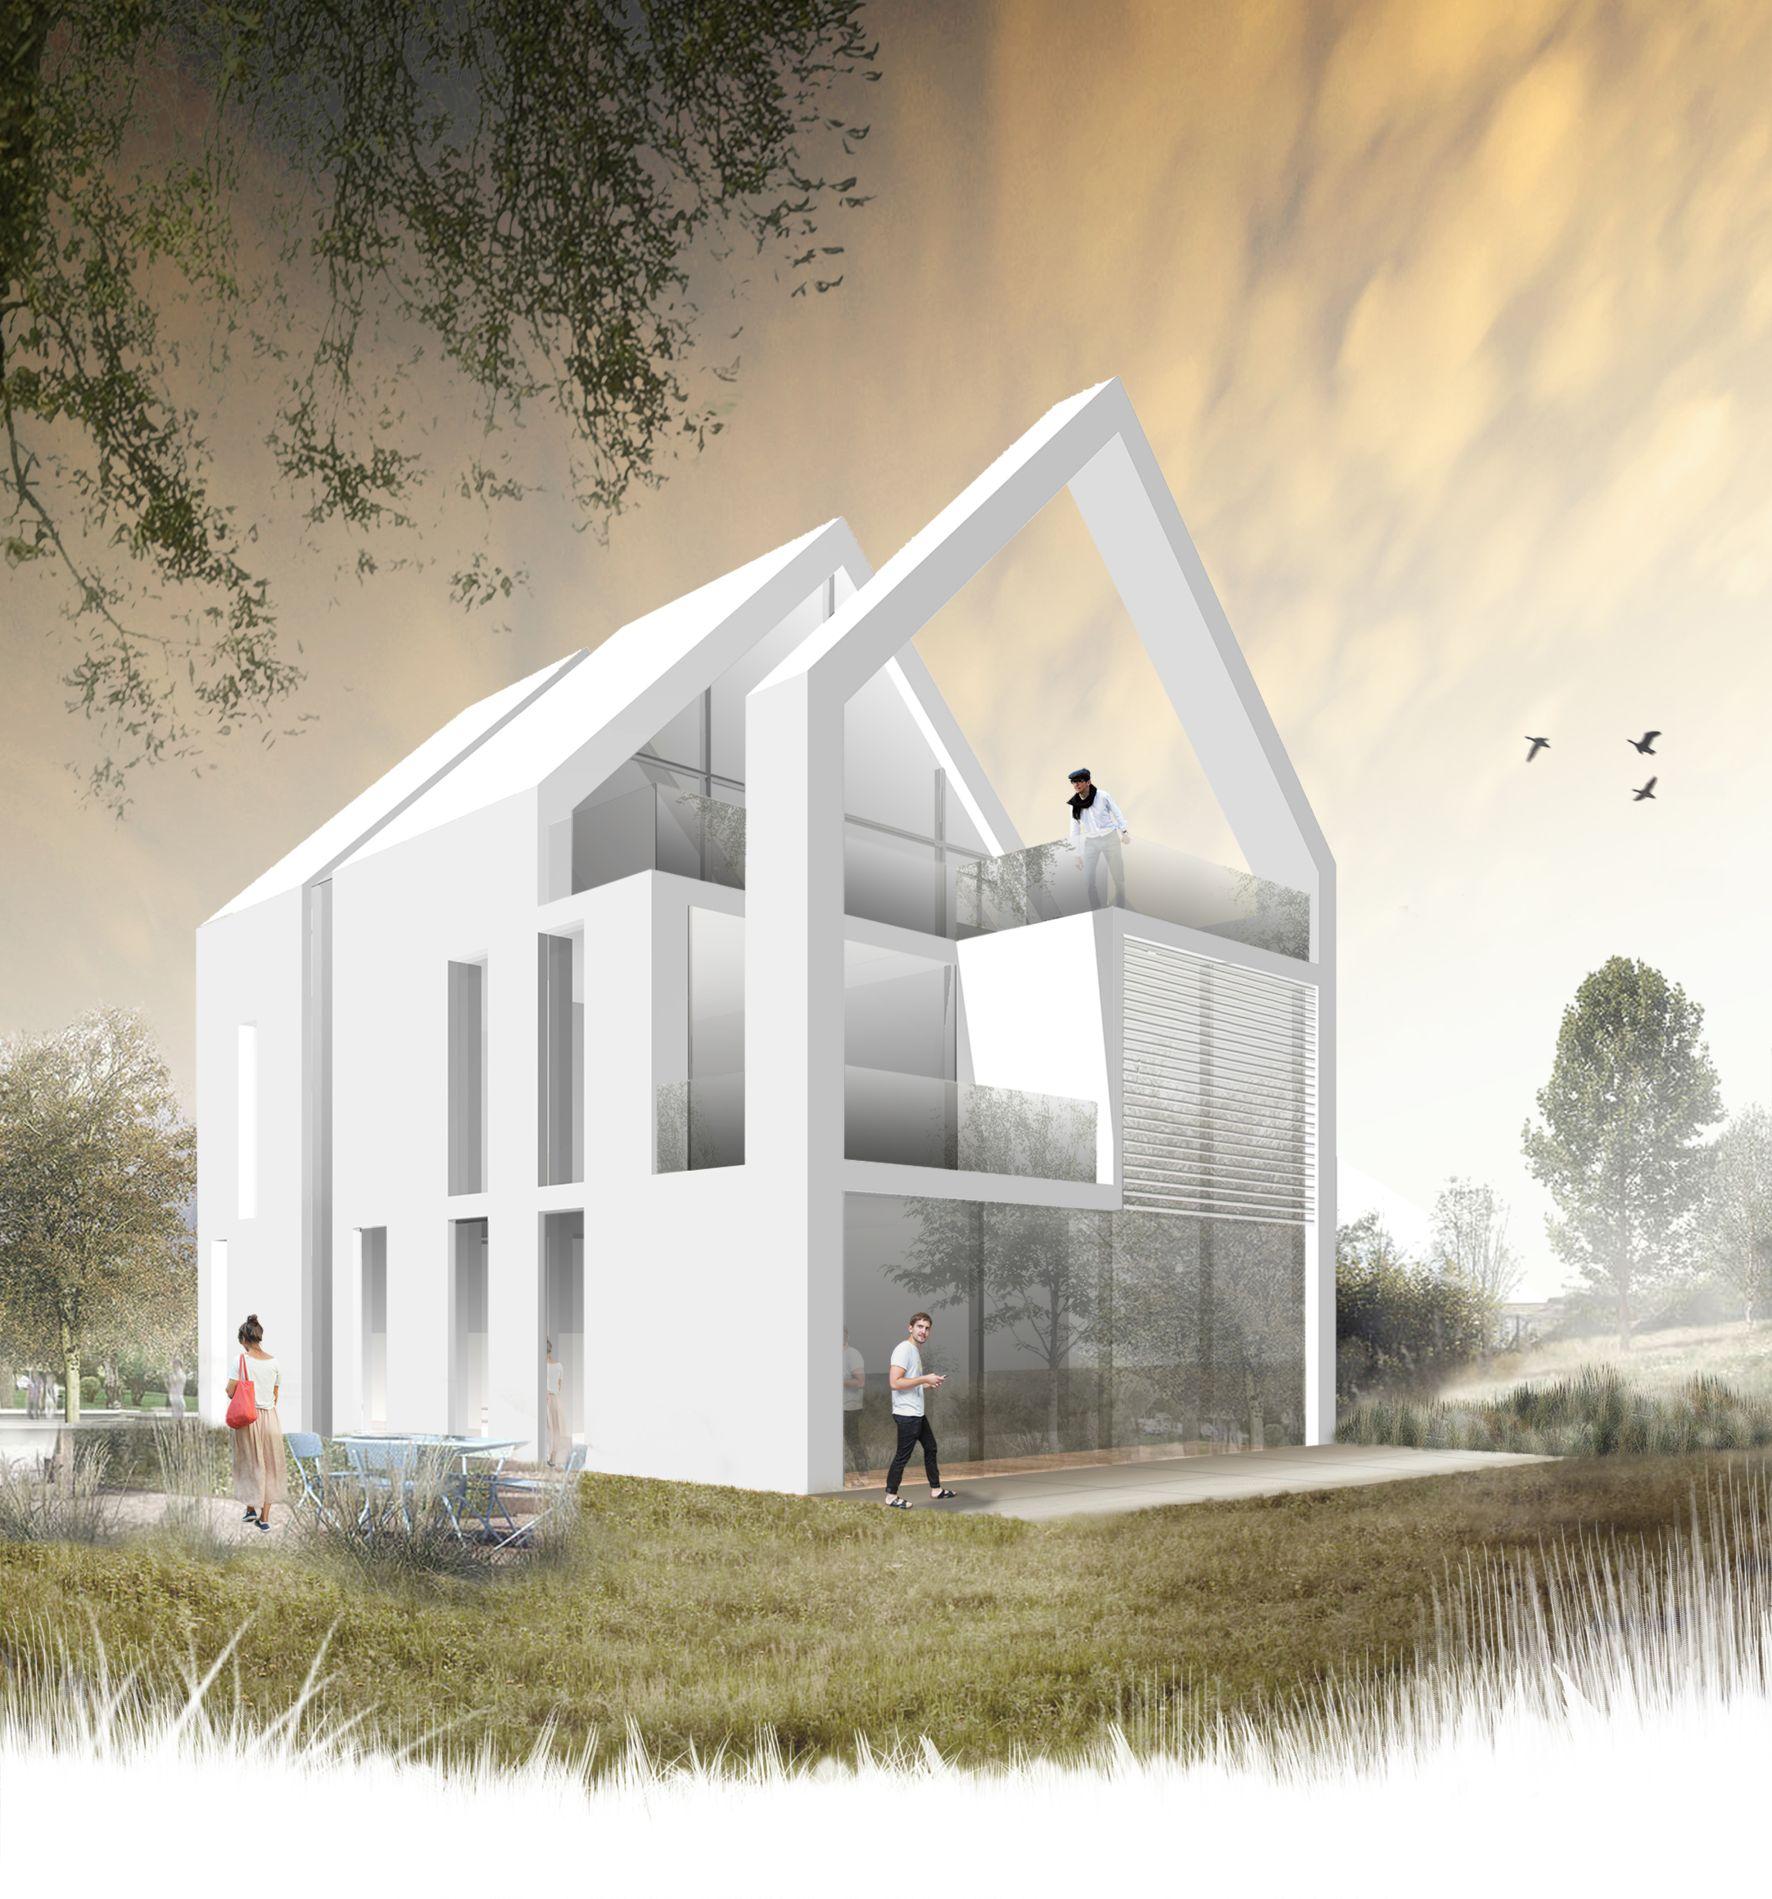 Querkopf Architekten querkopf architekten anders denken ist unsere auszeichnung